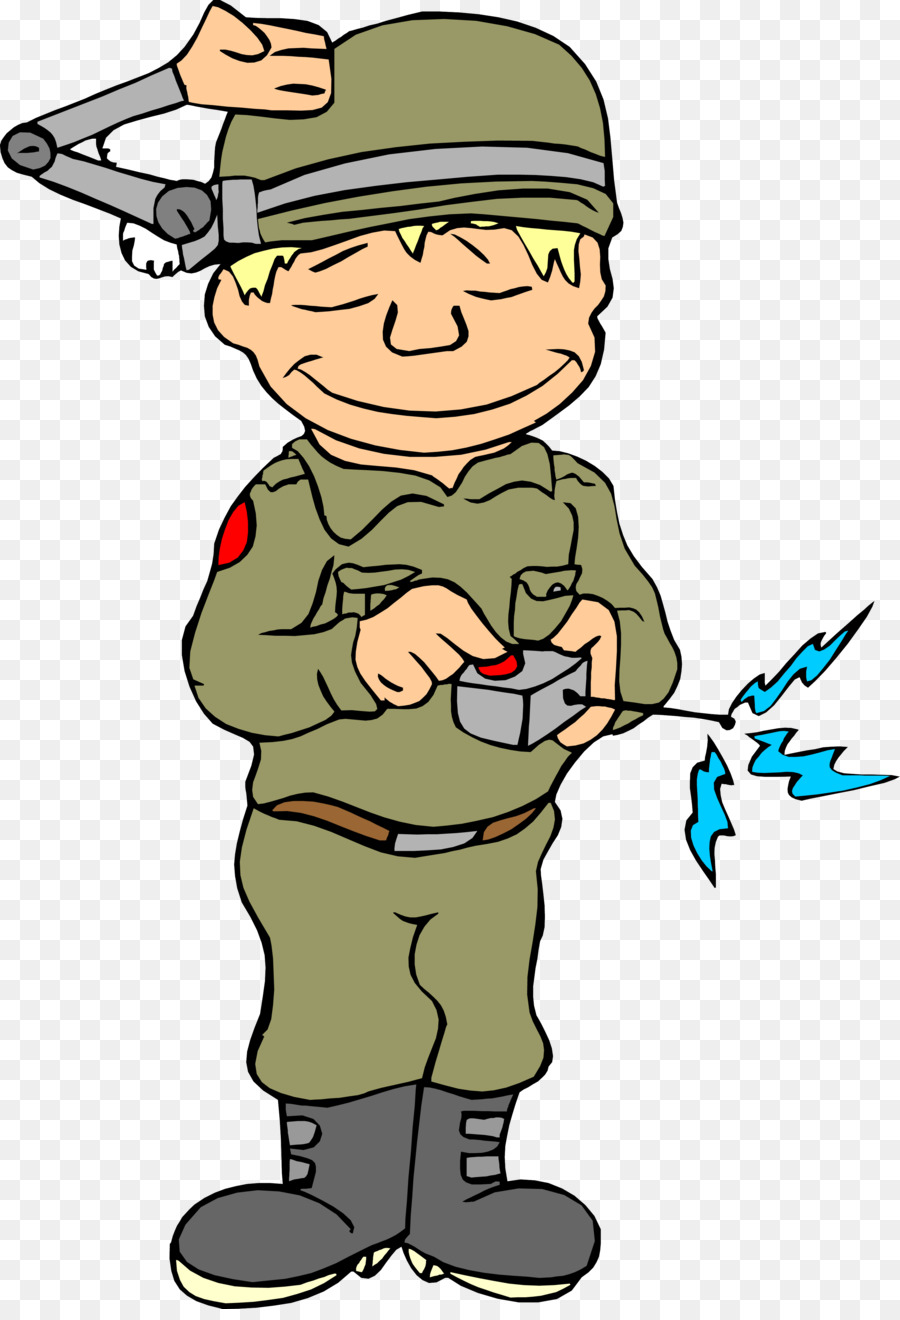 Картинка смешной солдат